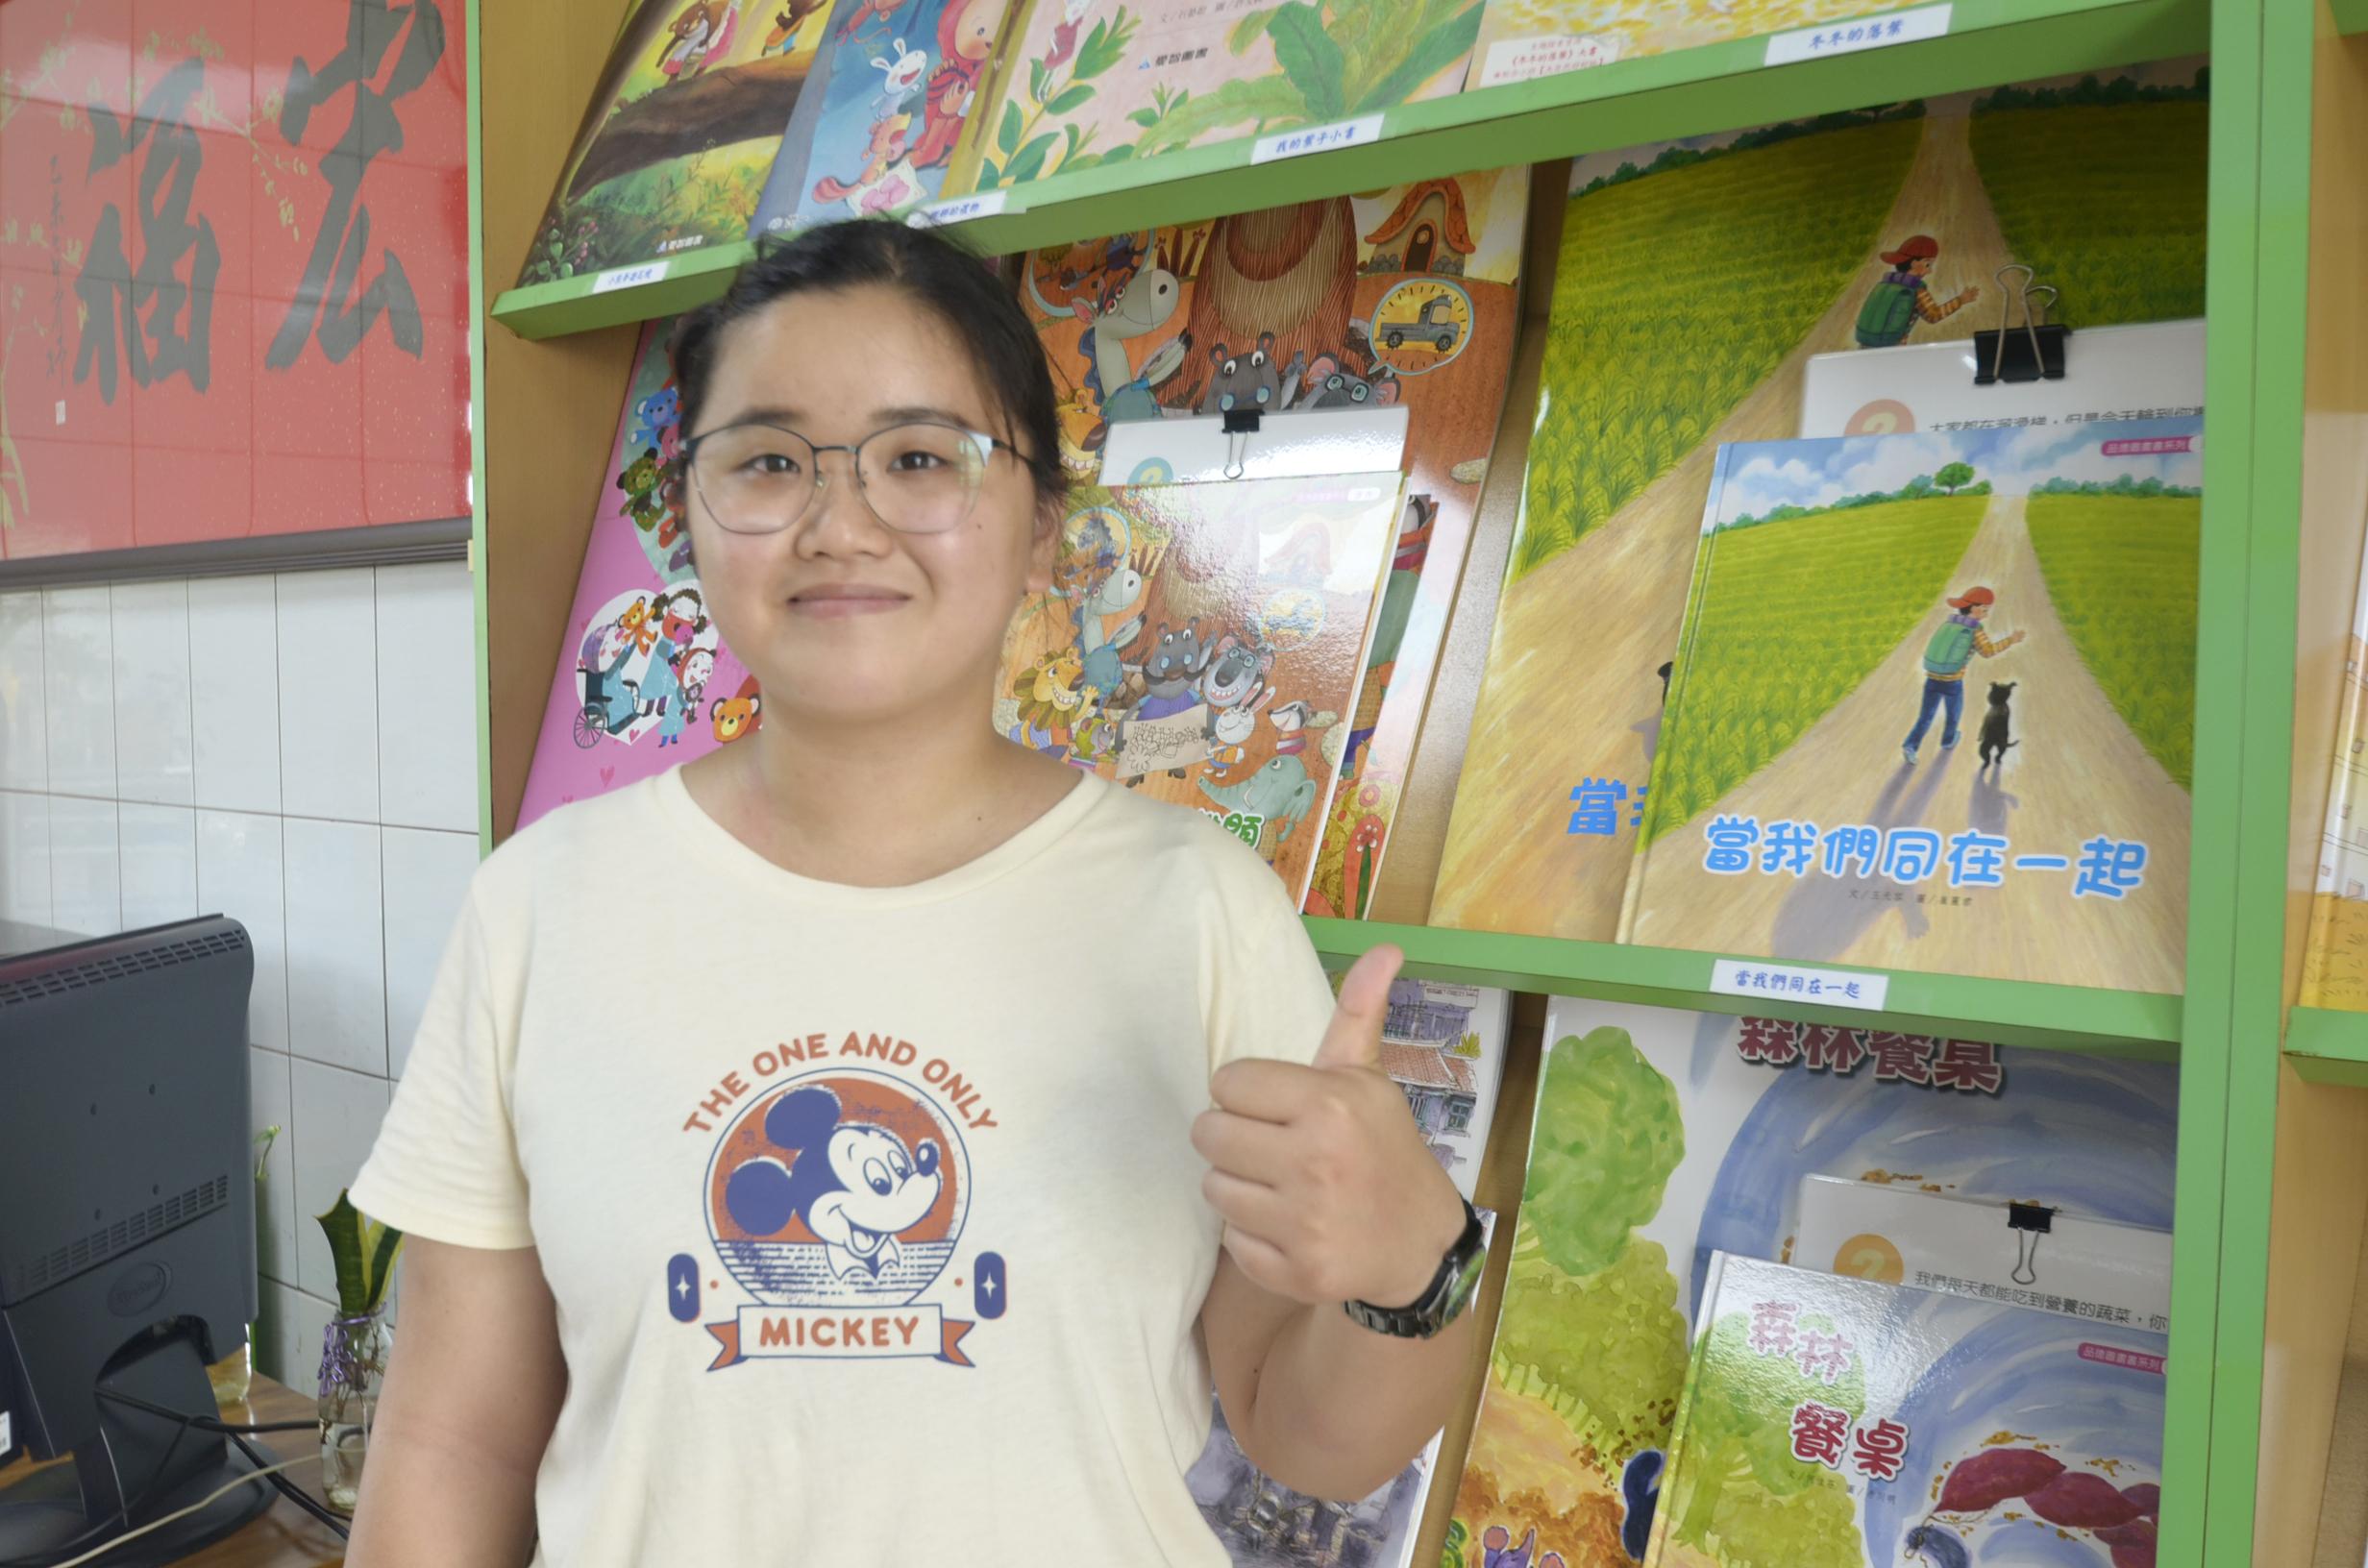 ▲李元琇感謝政府有跨域就業津貼方案補助,讓她能勇敢離家當外漂族追夢。